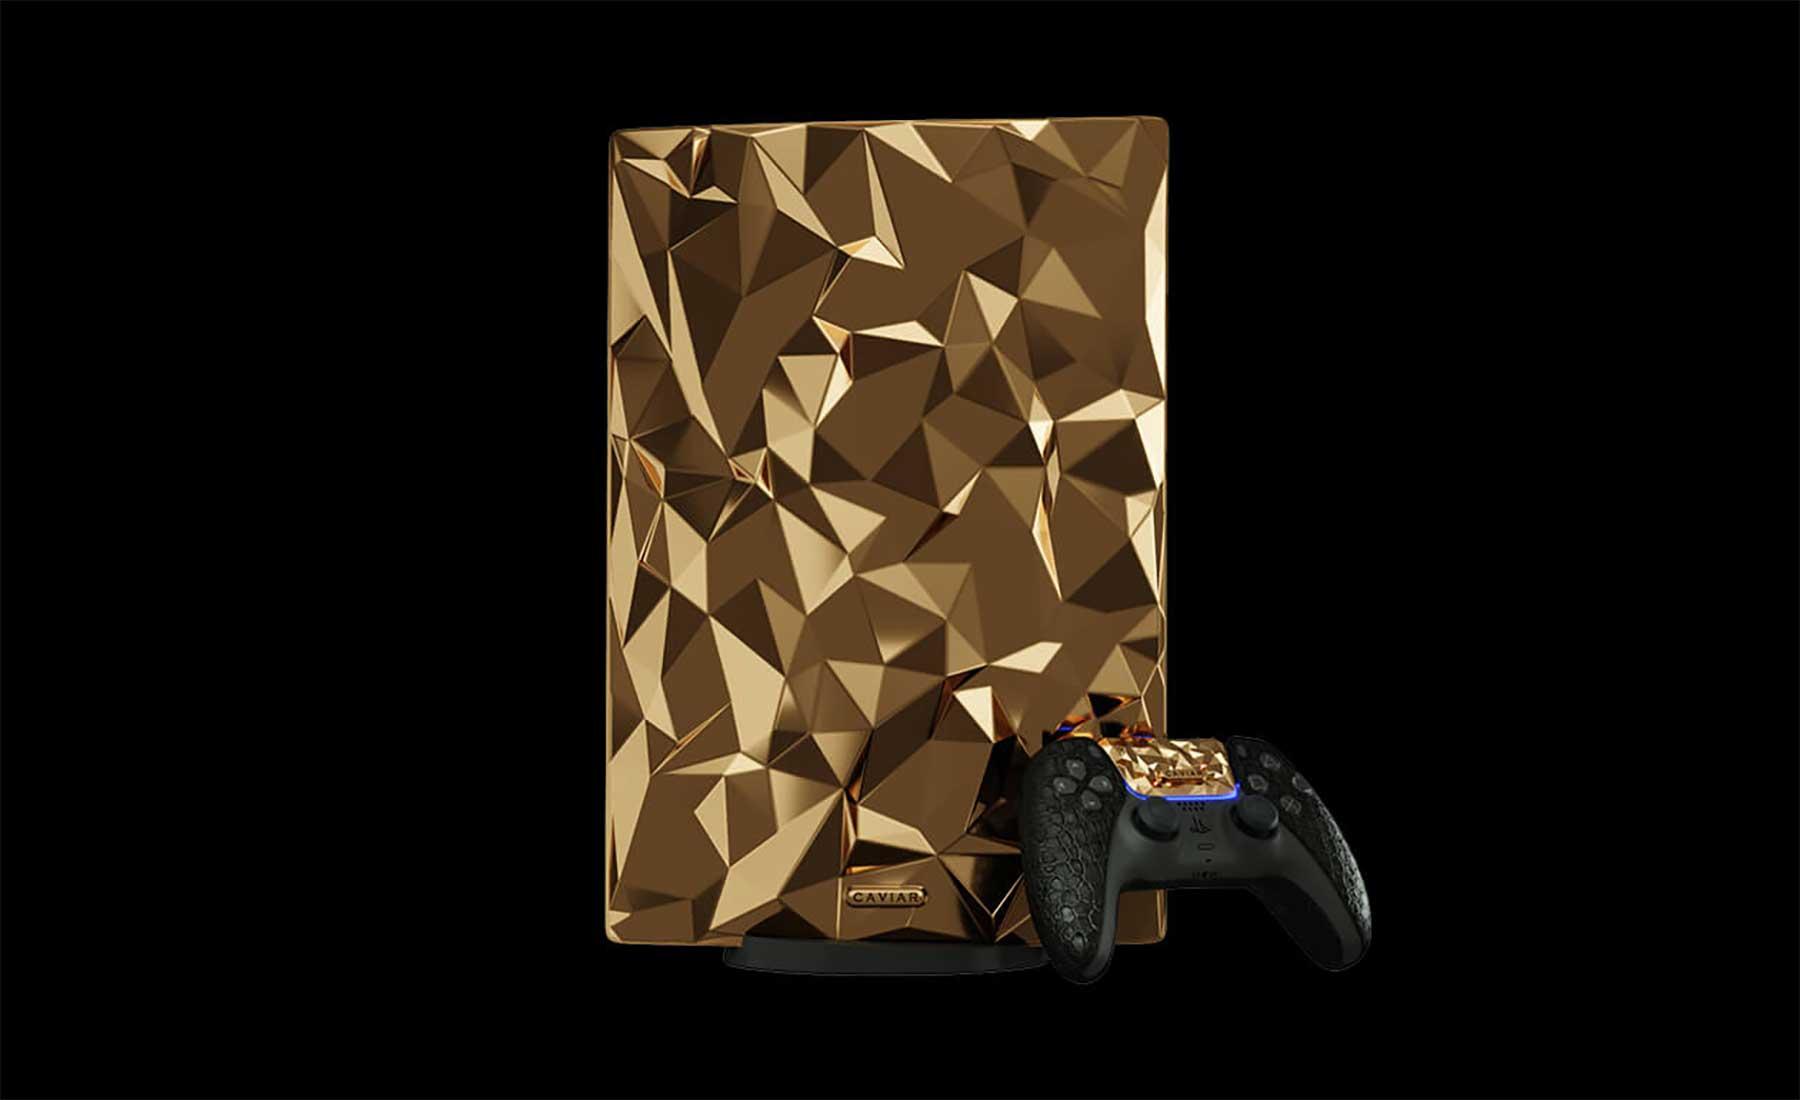 PlayStation 5: Luxus-Konsole mit 20kg Gold verziert Goldene-PlayStation-5-Konsole_01